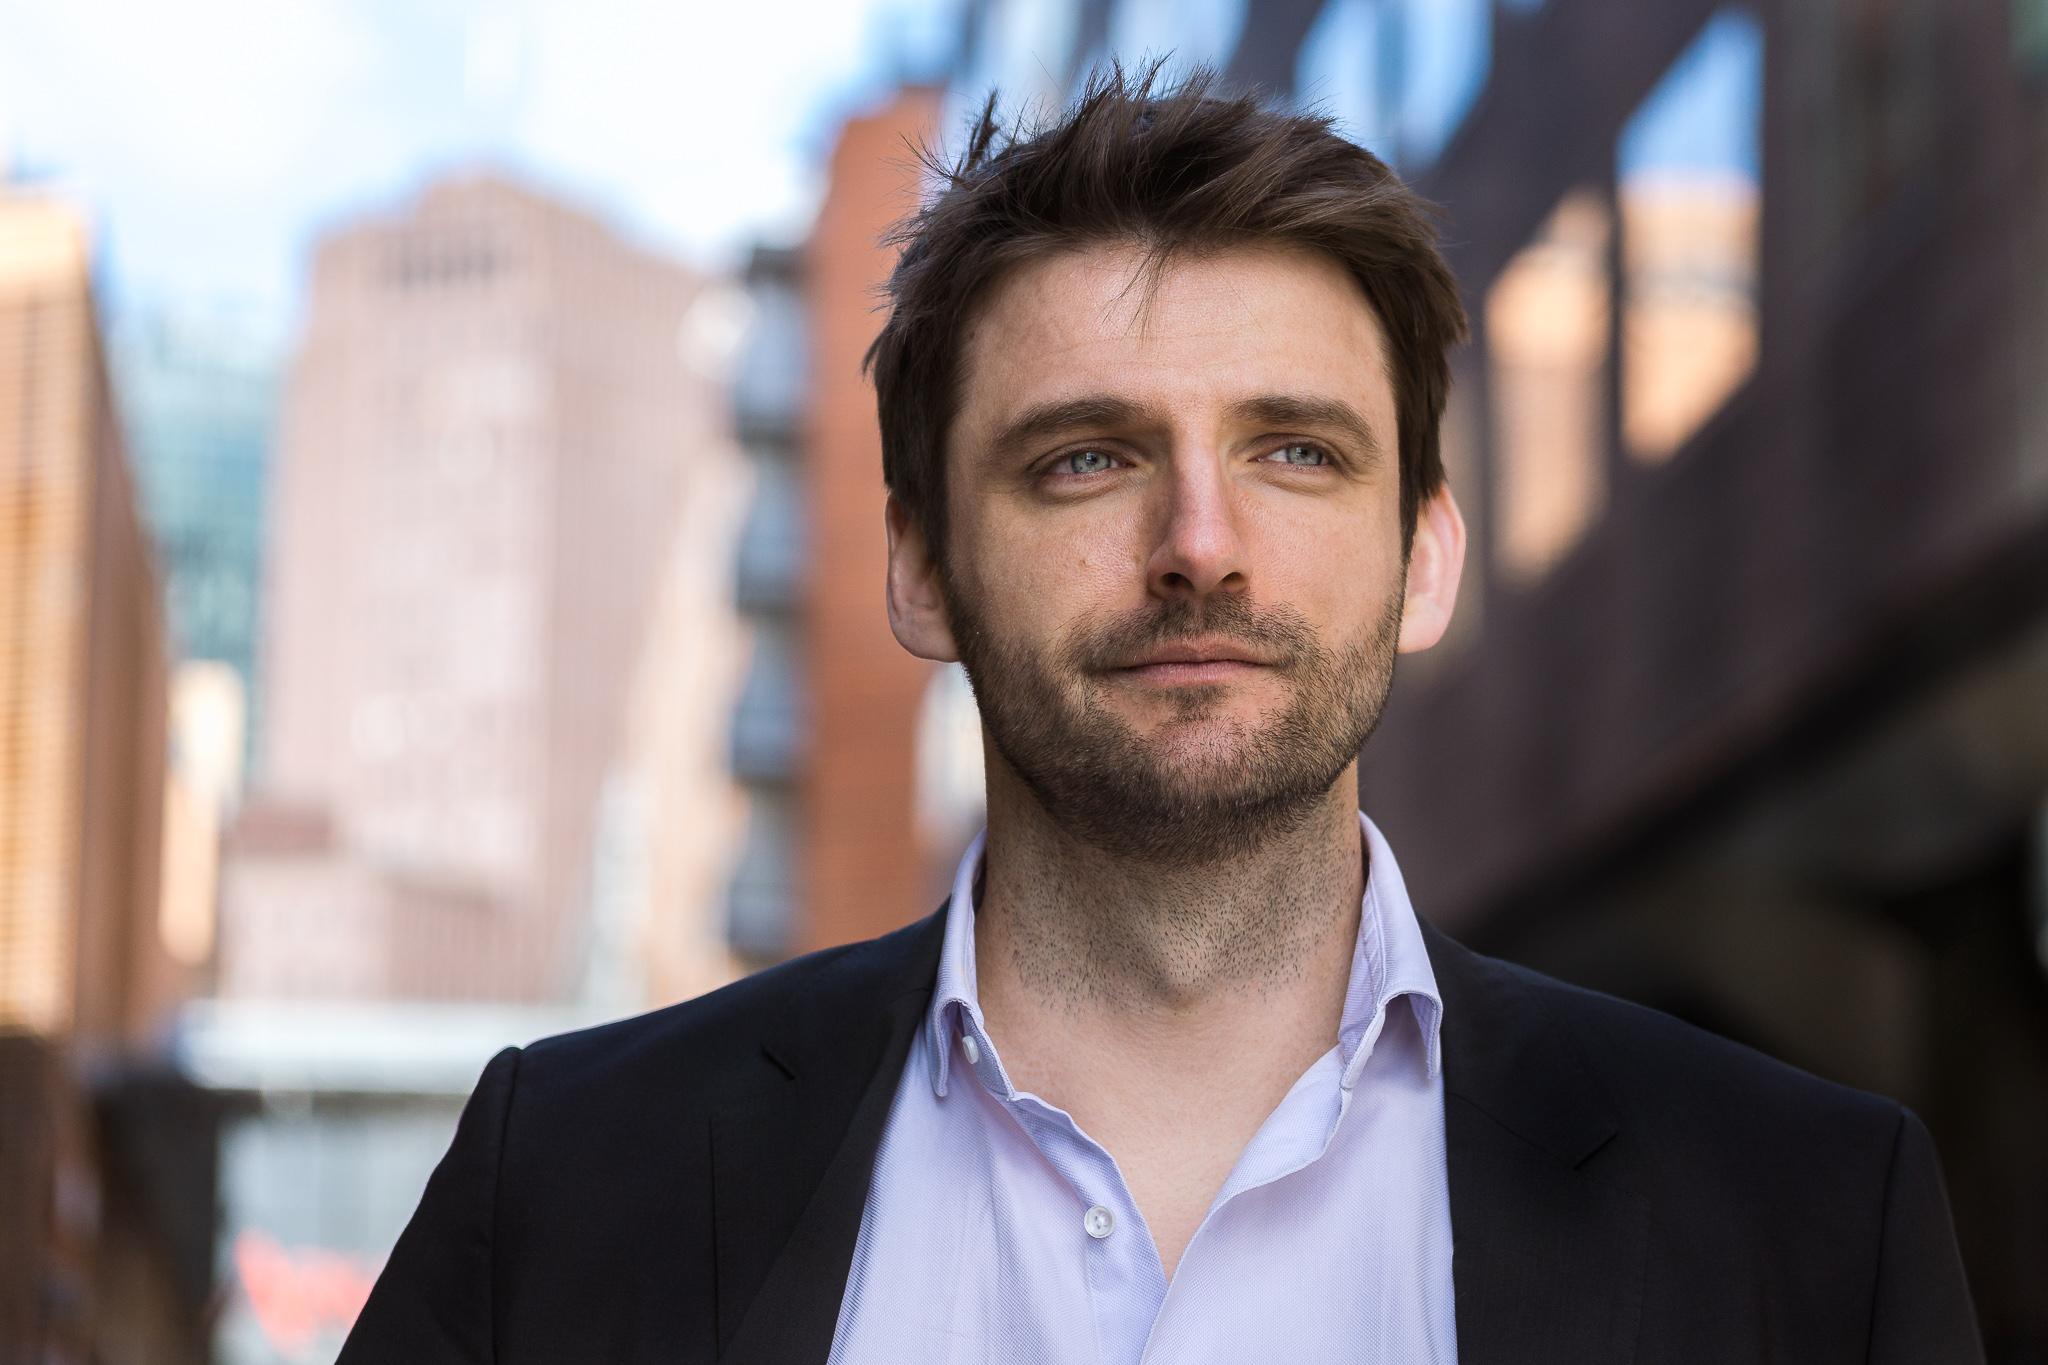 Portrait von Martin Geuer im Anzug mit Hausfaßade im Hintergrund